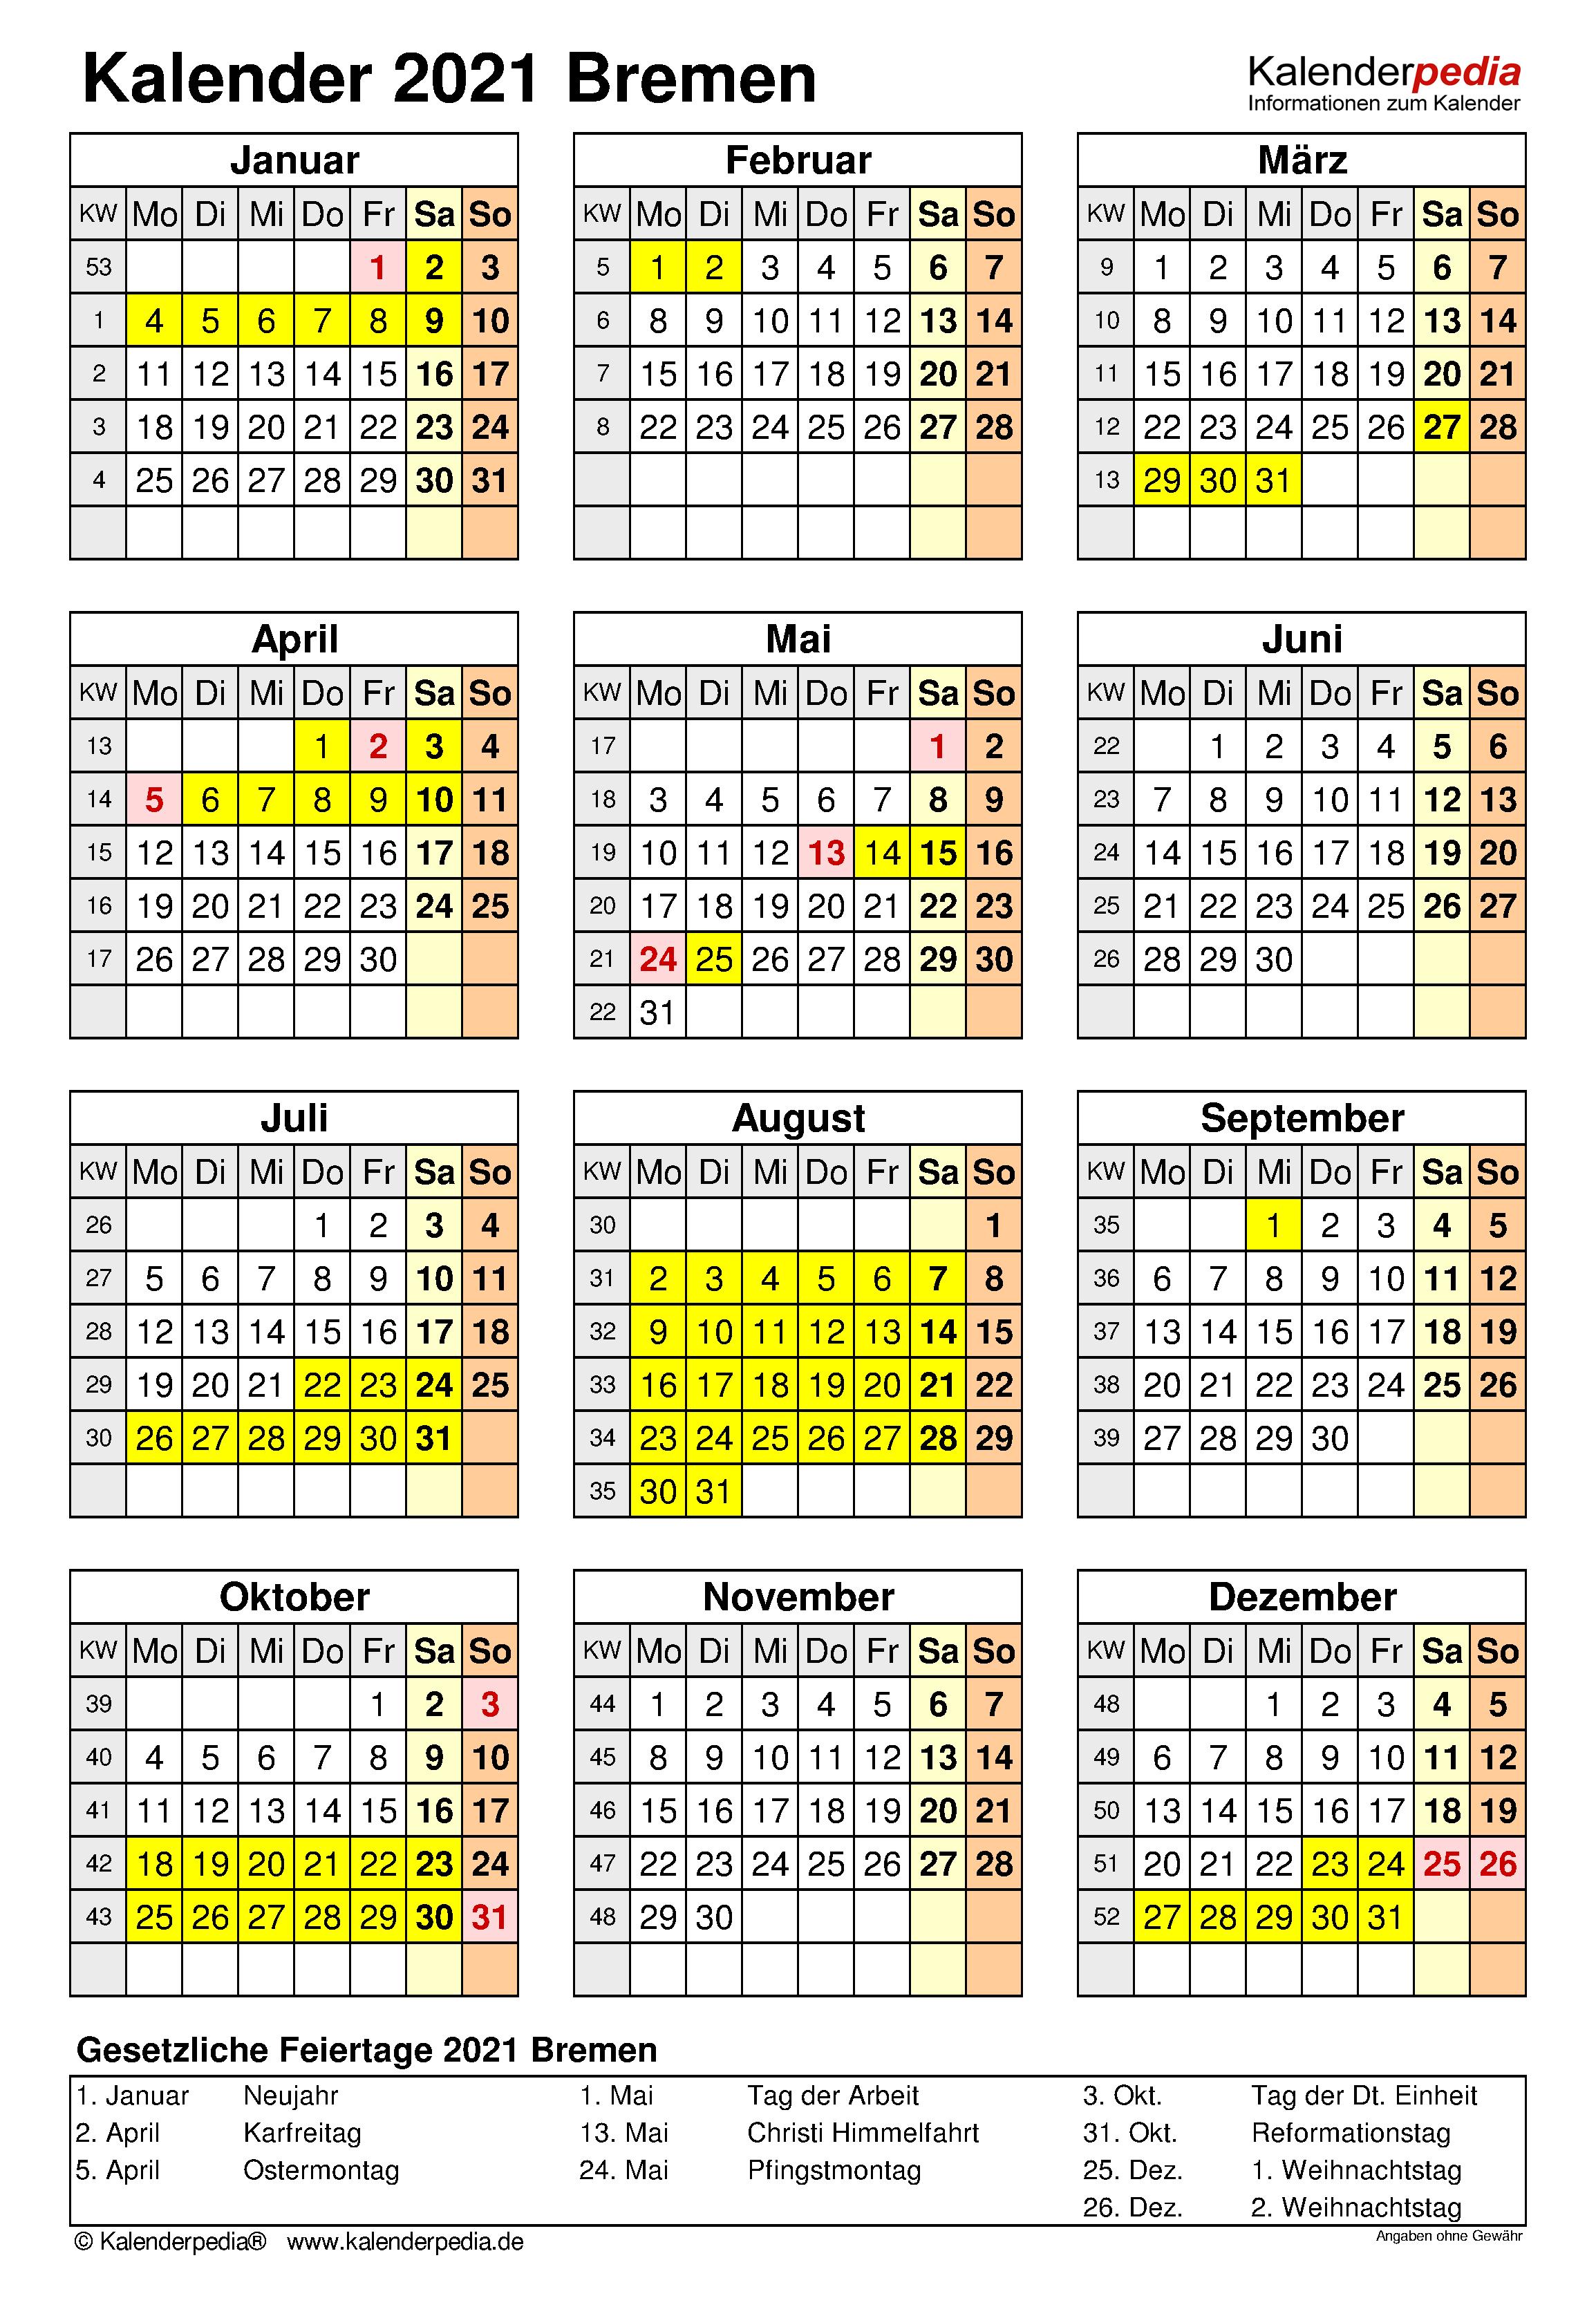 Kalender 2021 Bremen: Ferien, Feiertage, Excel-Vorlagen